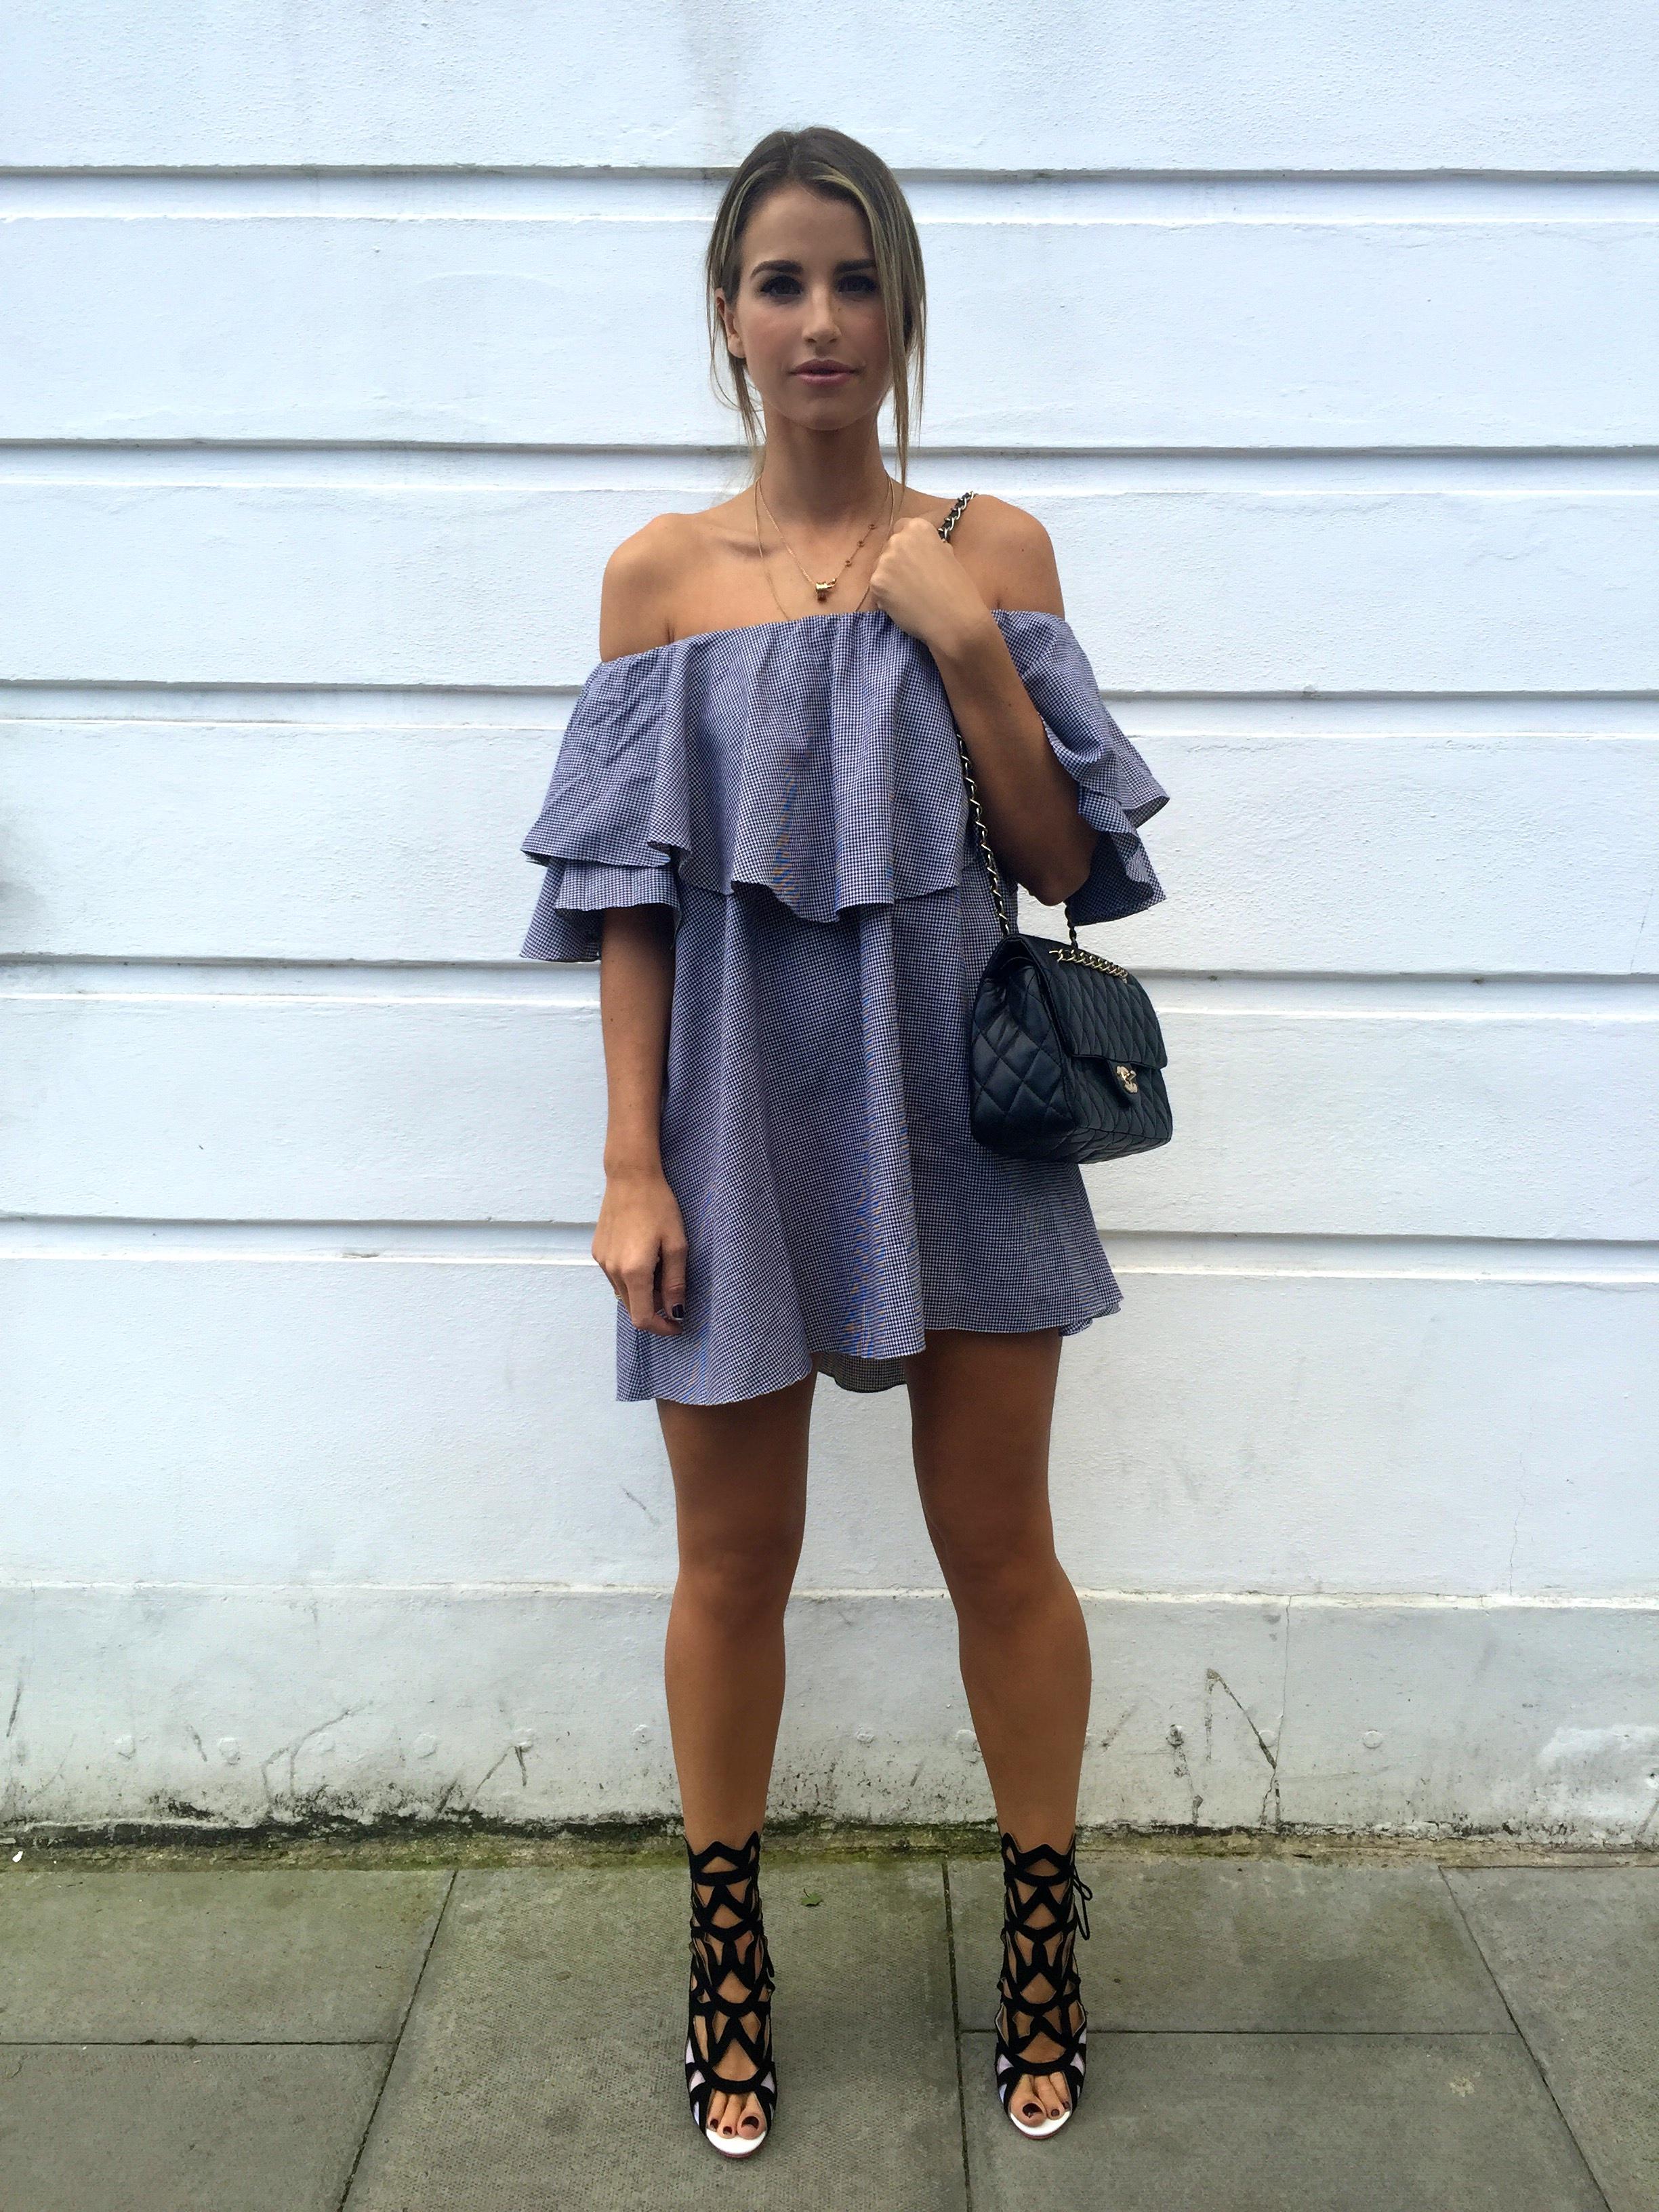 Vogue_Williams_Chanel.jpg